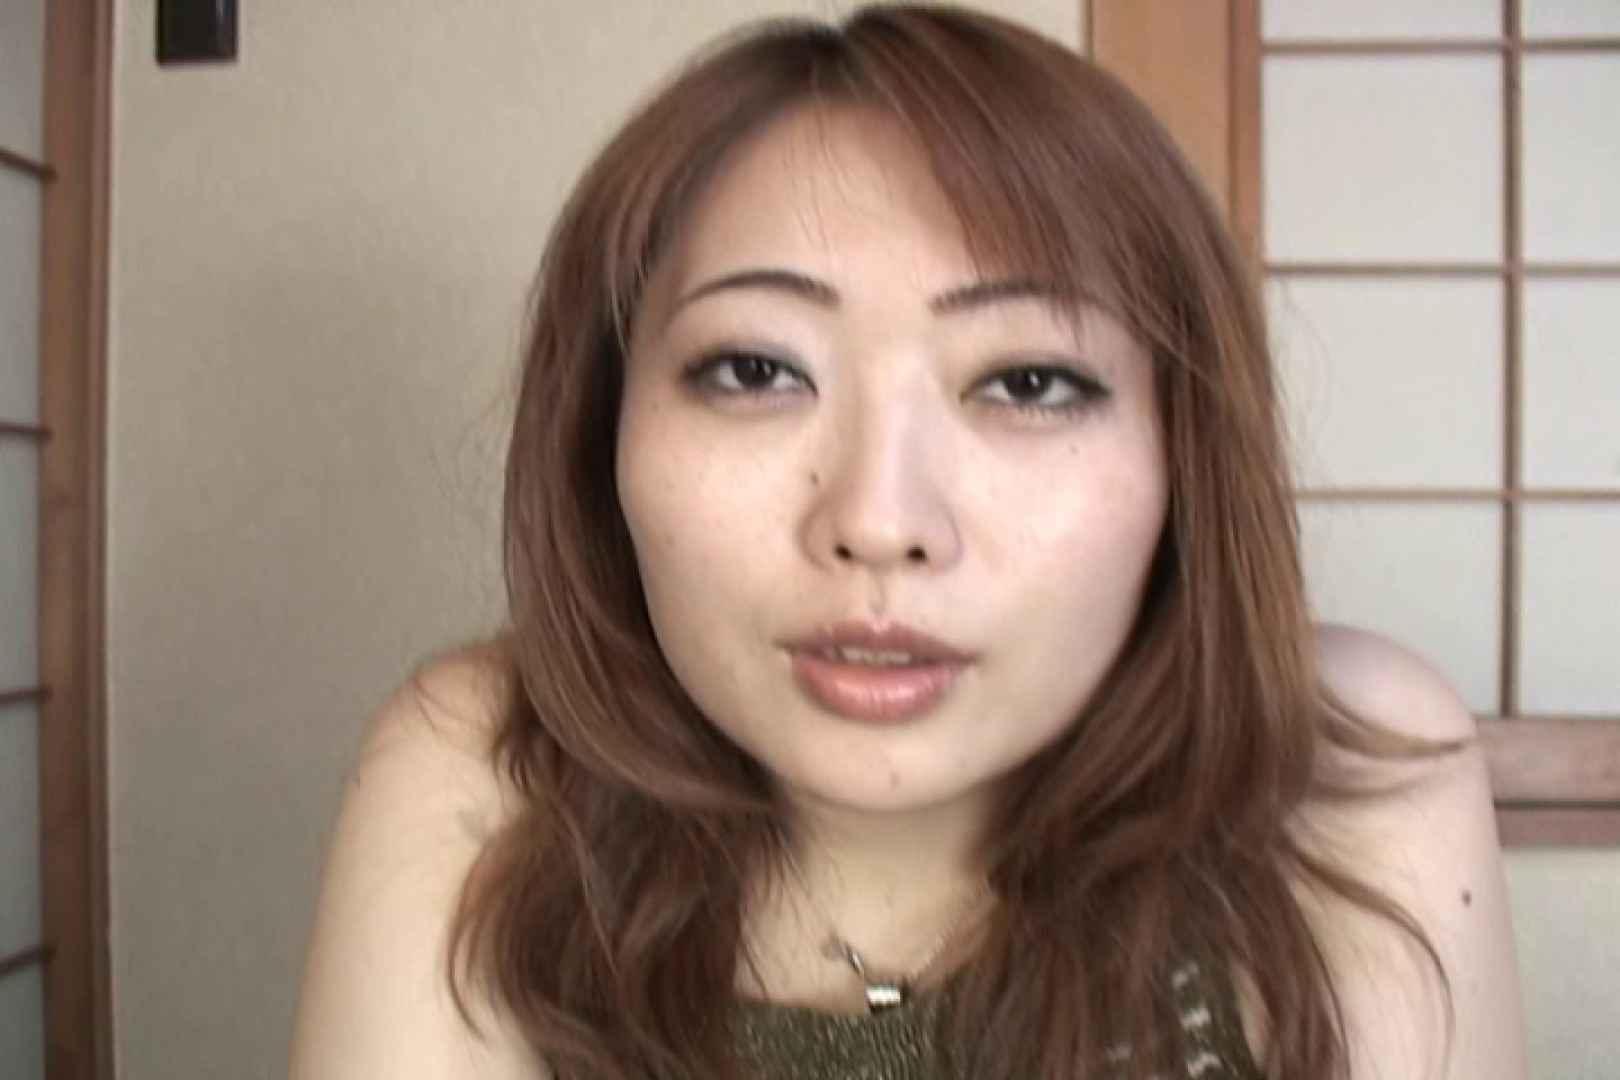 仕事で月200本のチンポを相手する22歳若人妻~桜井あい~ エッチな熟女 | エッチな人妻  75pic 69